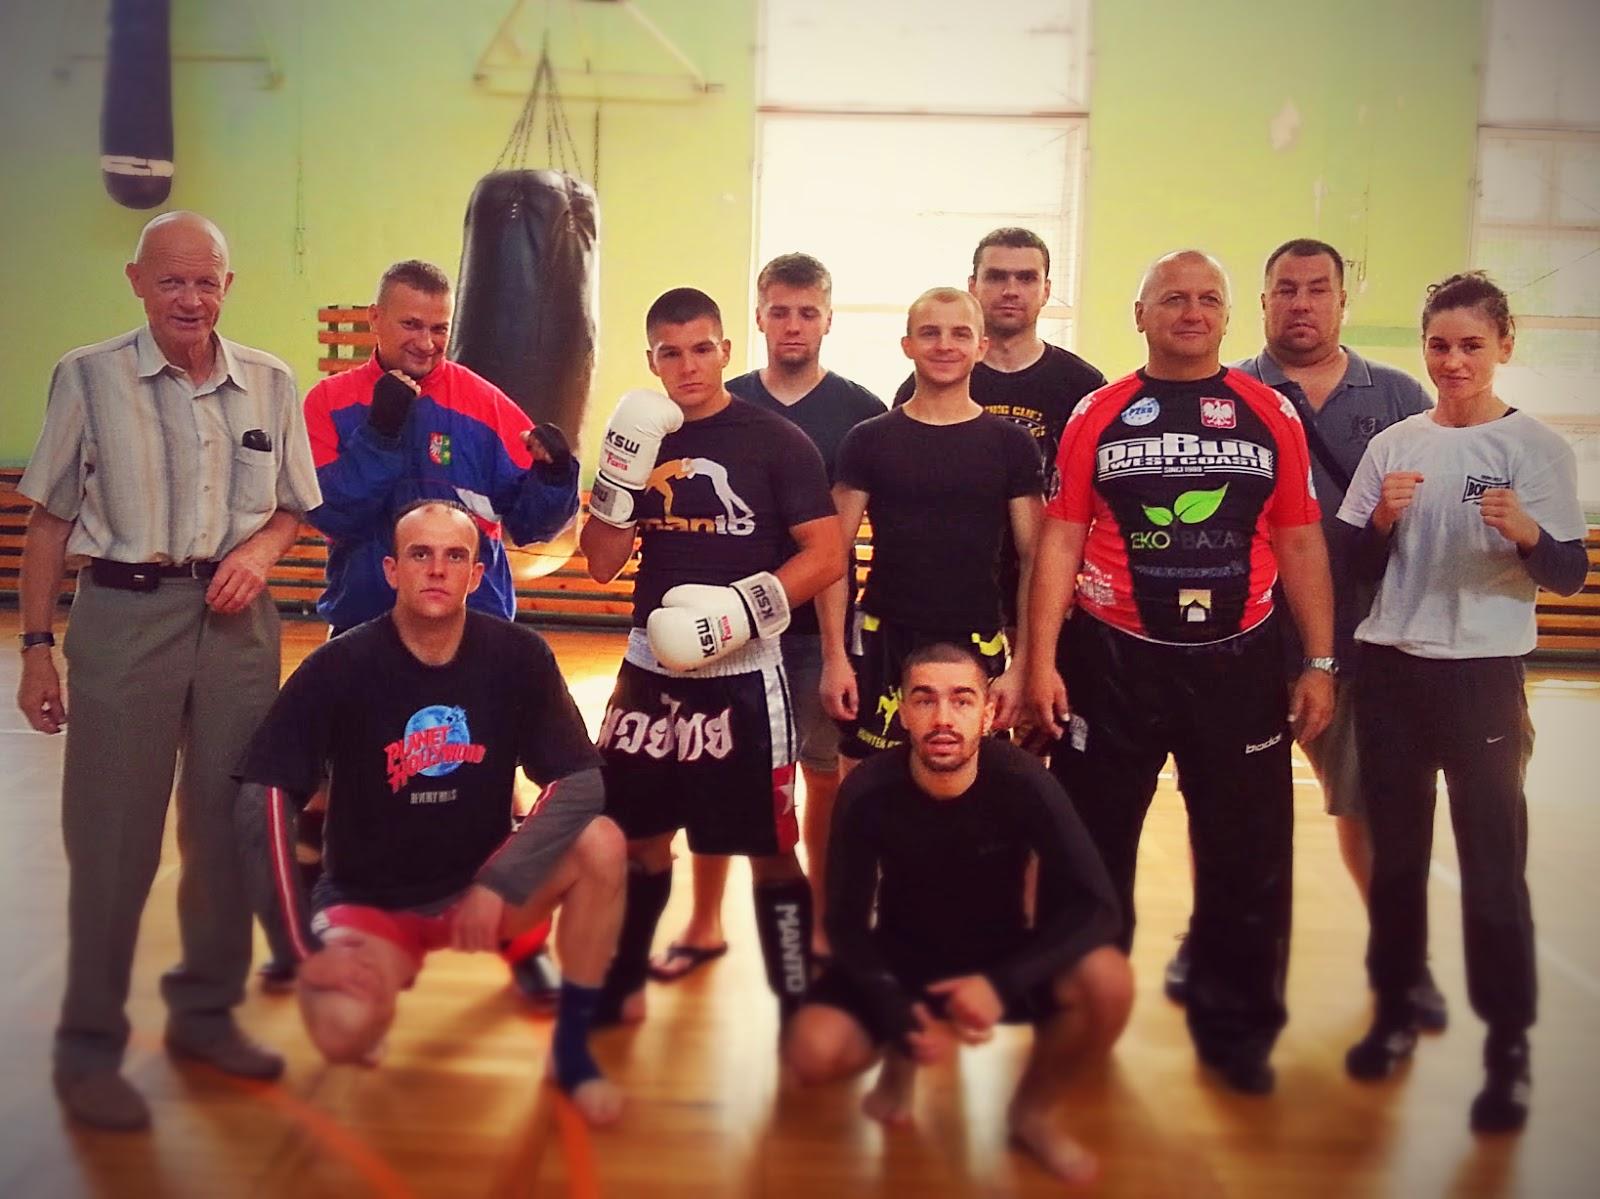 adepci, instruktor, kickboxing, Kinga Szlachcic, kurs, sport, sporty walki, treningi, Zielona Góra